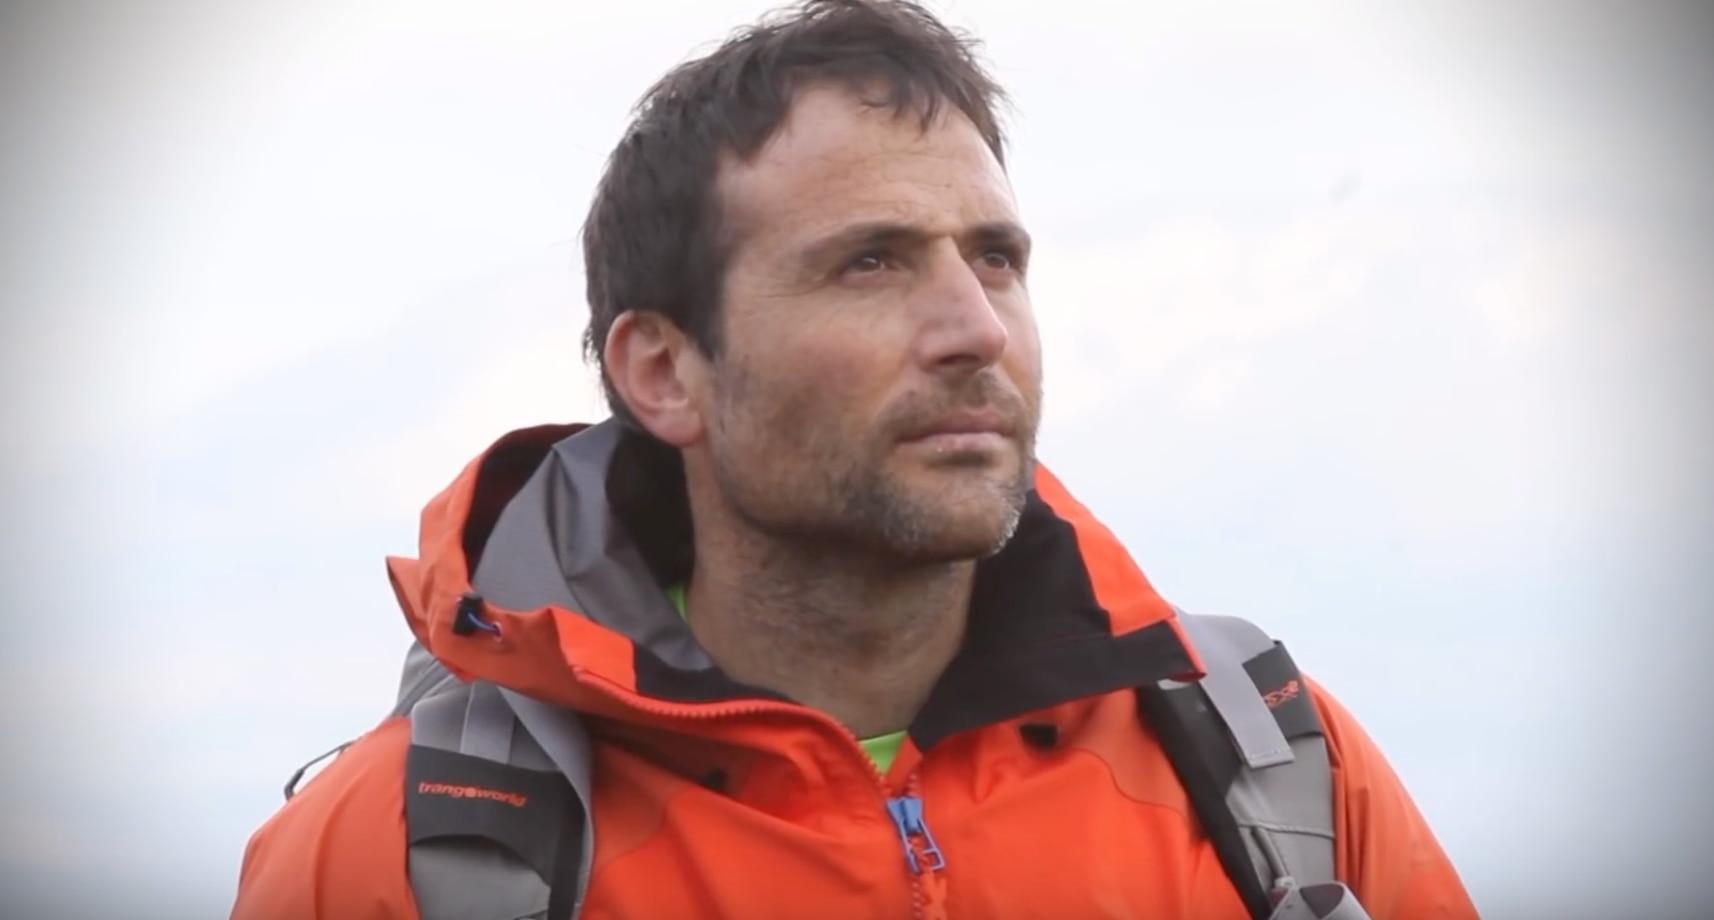 Photo of Come si prepara Alex Txikon per scalare il K2 in inverno?